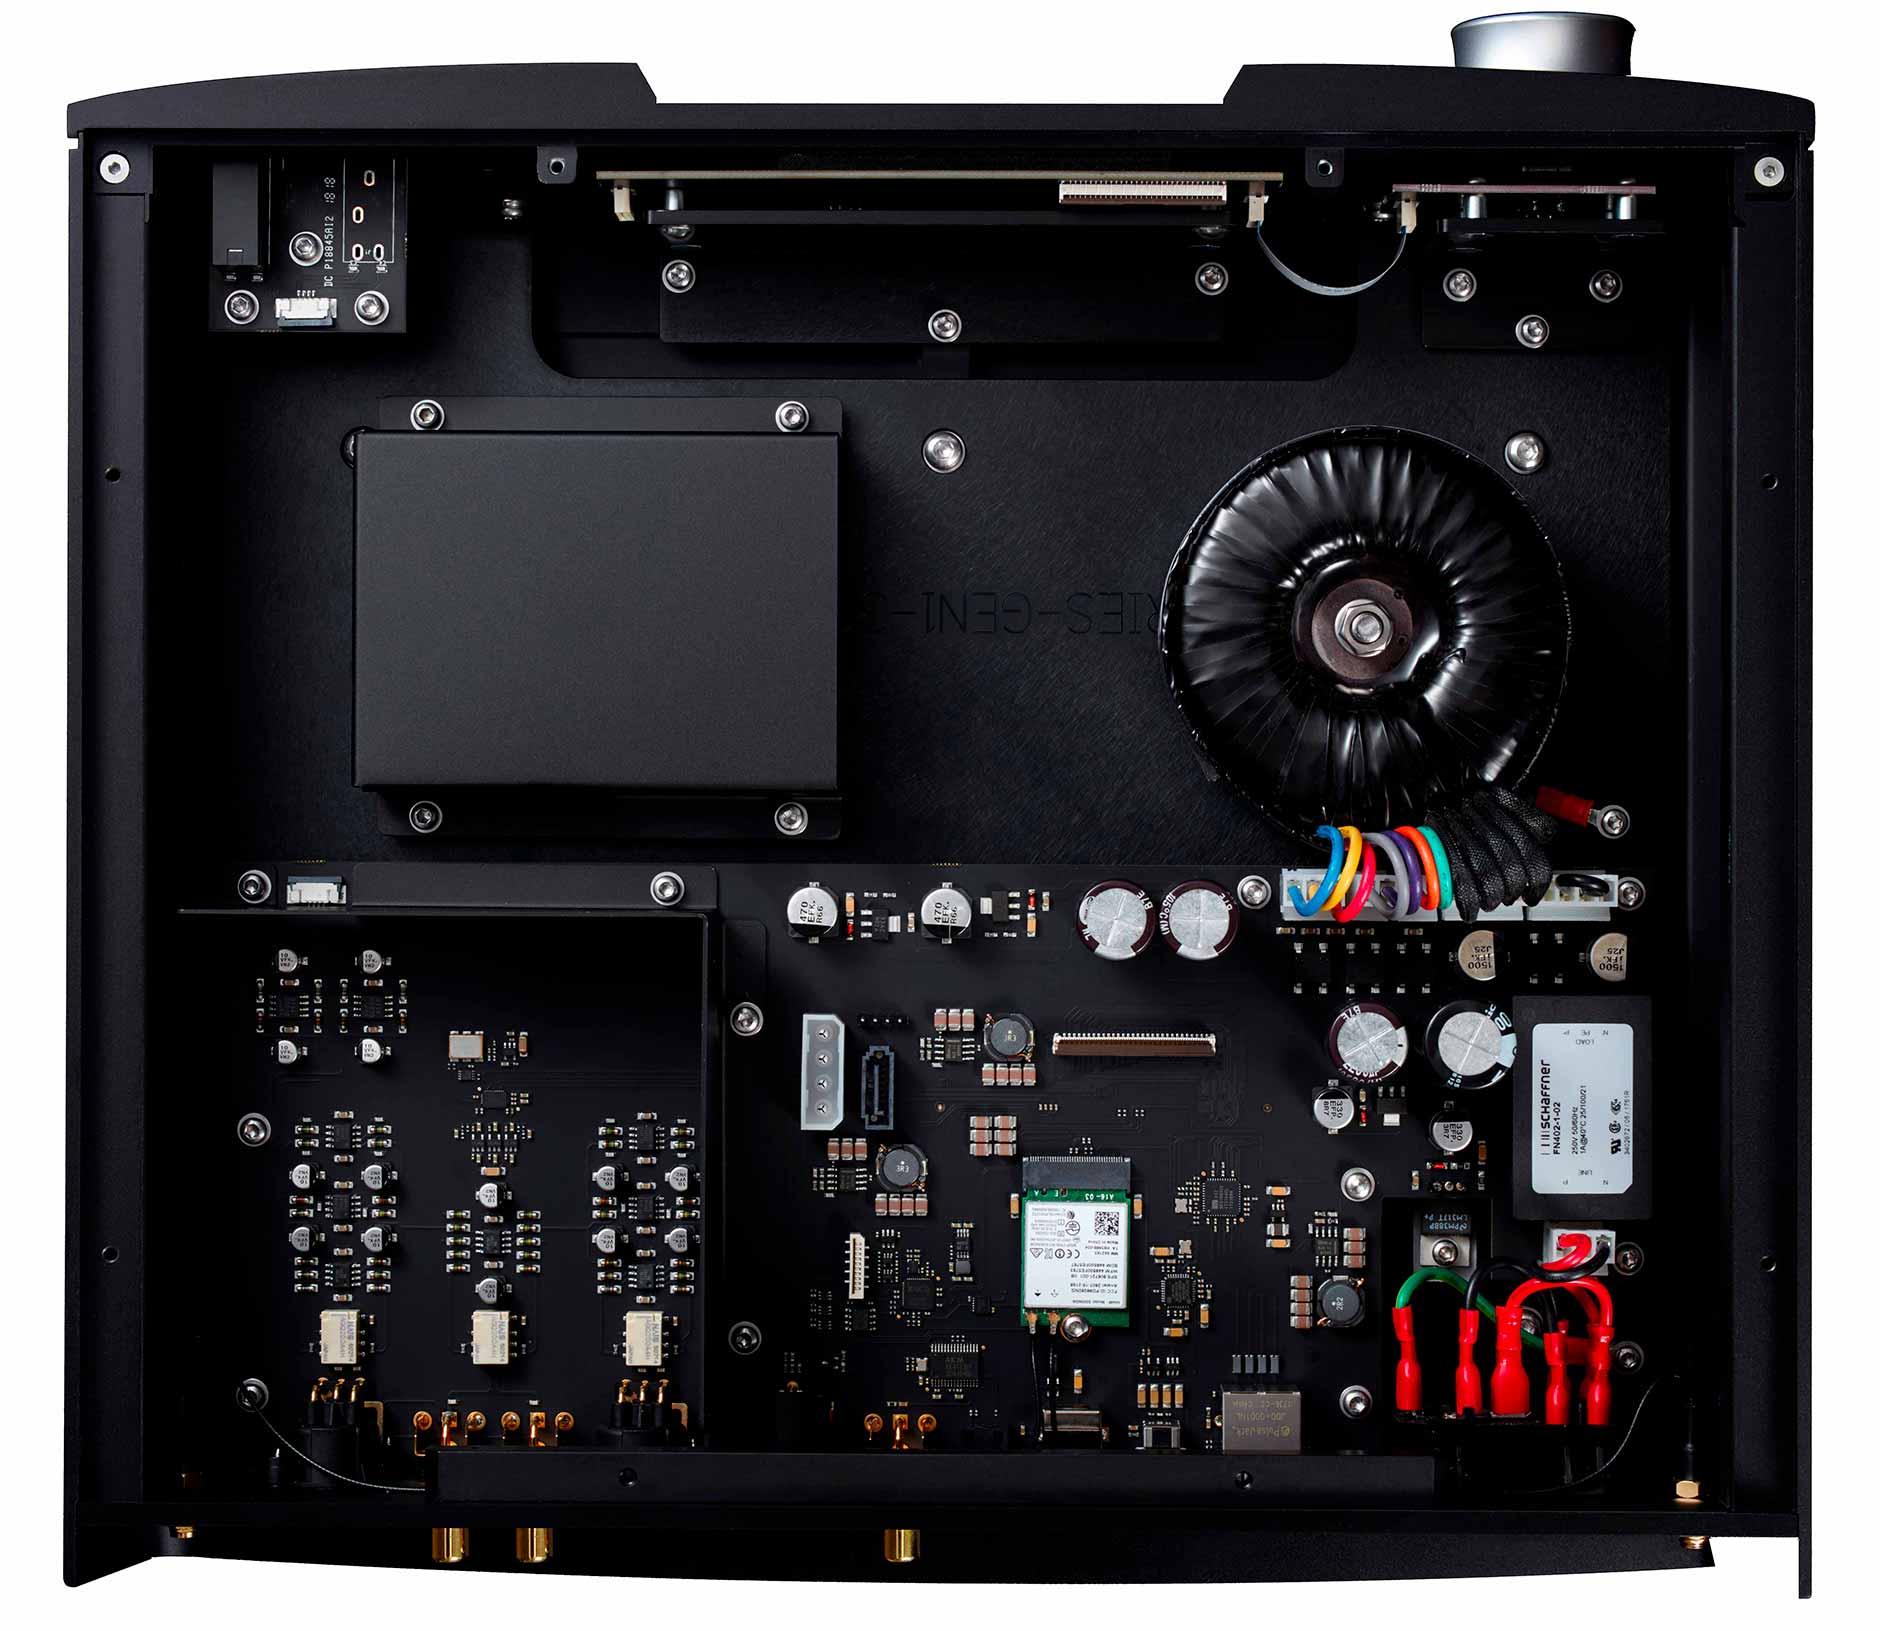 Un lecteur réseau audio avec DAC intégré et composants de qualité audiophile : horloge de grande précision, mémoire tamponn alimentation linéaire et emplacement pour disque dur ou disque à mémoire SSD